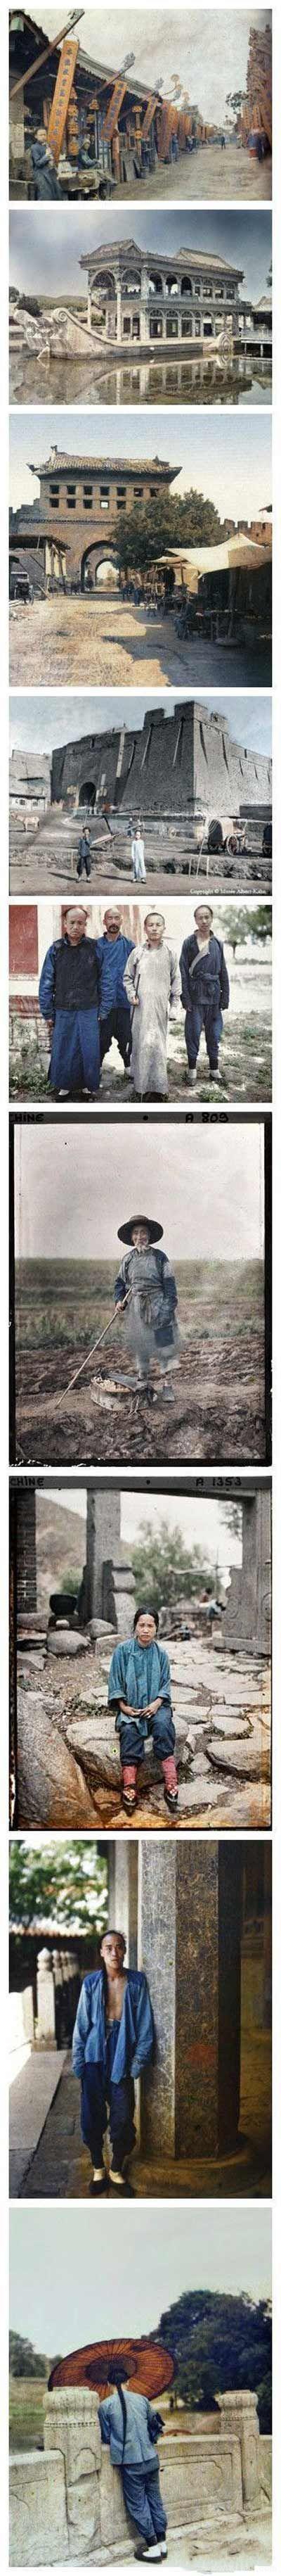 中国最早的彩色照片 1912年由法国摄影家阿尔伯特卡恩拍摄。